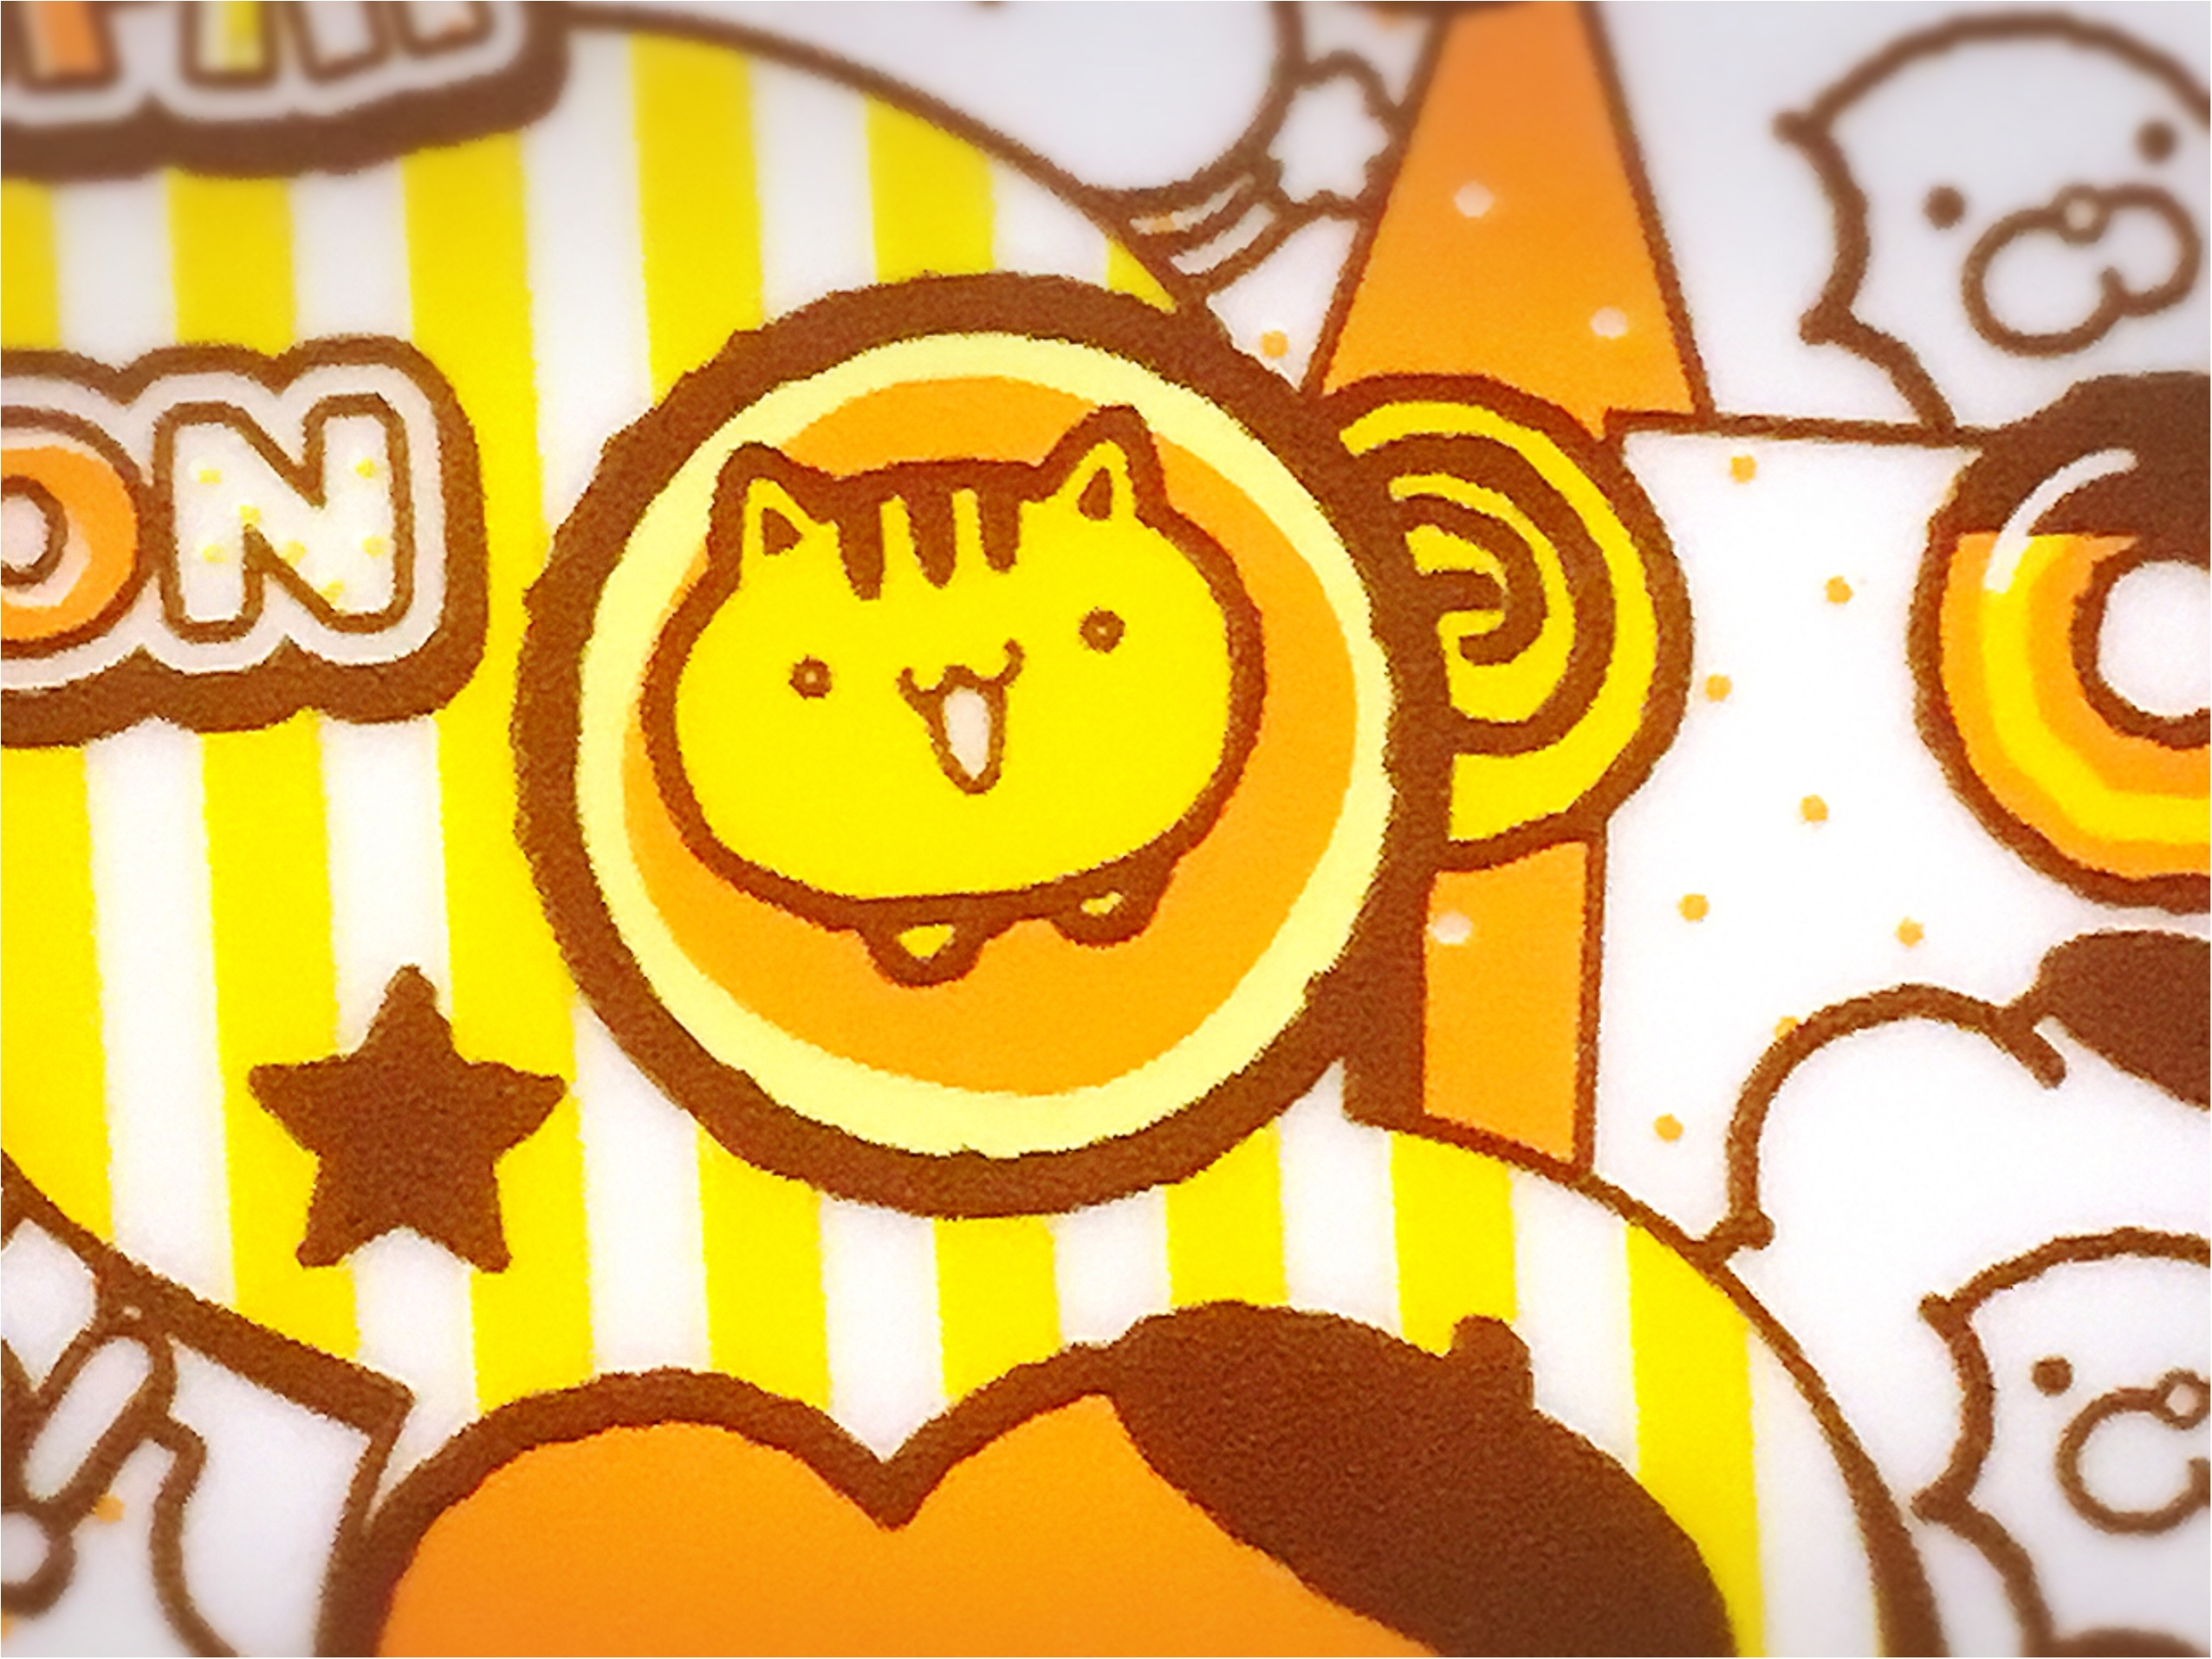 緊急ニュース!ポムポムプリンとミスドのあの子がコラボ♡2/15〜の第1弾グッズはランチボックス!!【SANRIO EXPO(サンリオエキスポ)2017★おみやげ】_8